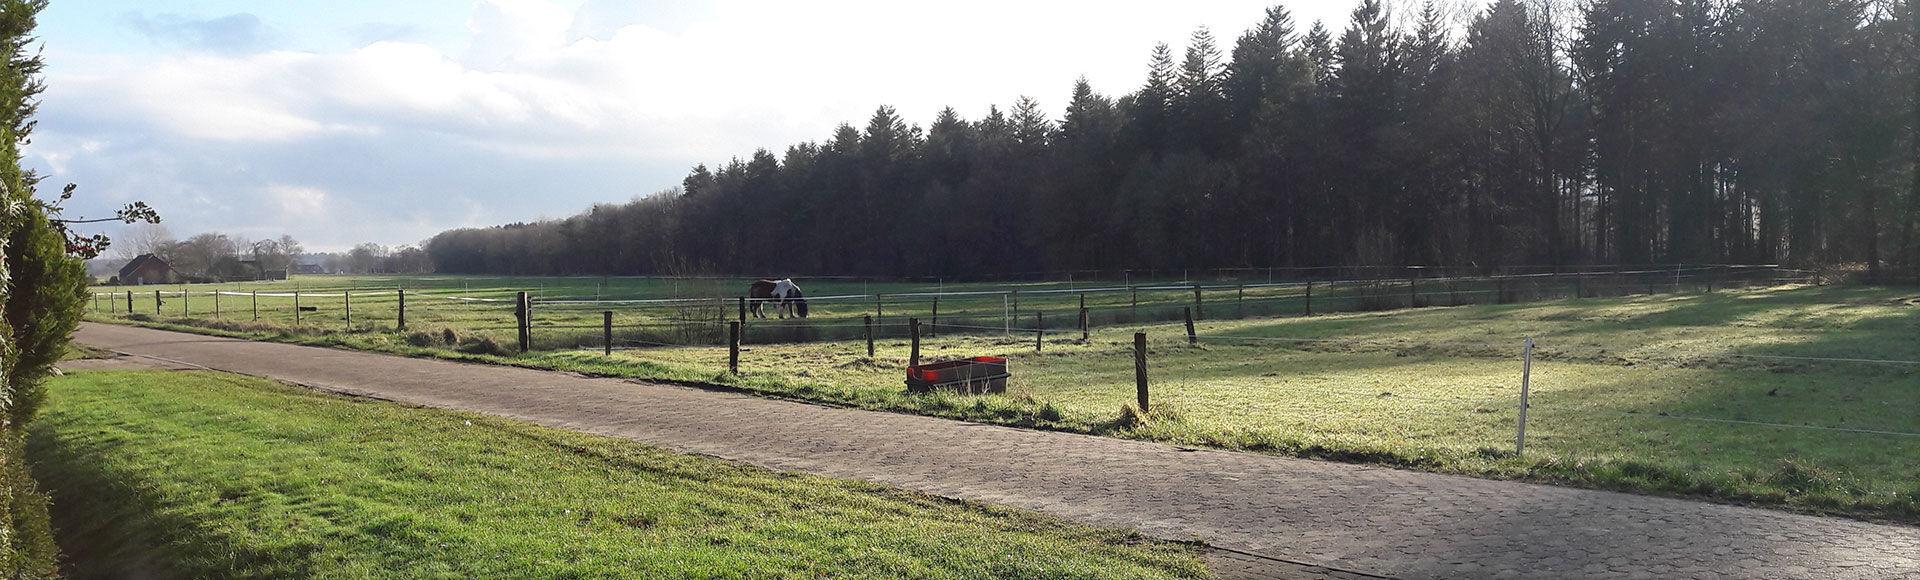 Landschaft mit einer Kuh in der Gemeinde Moorweg